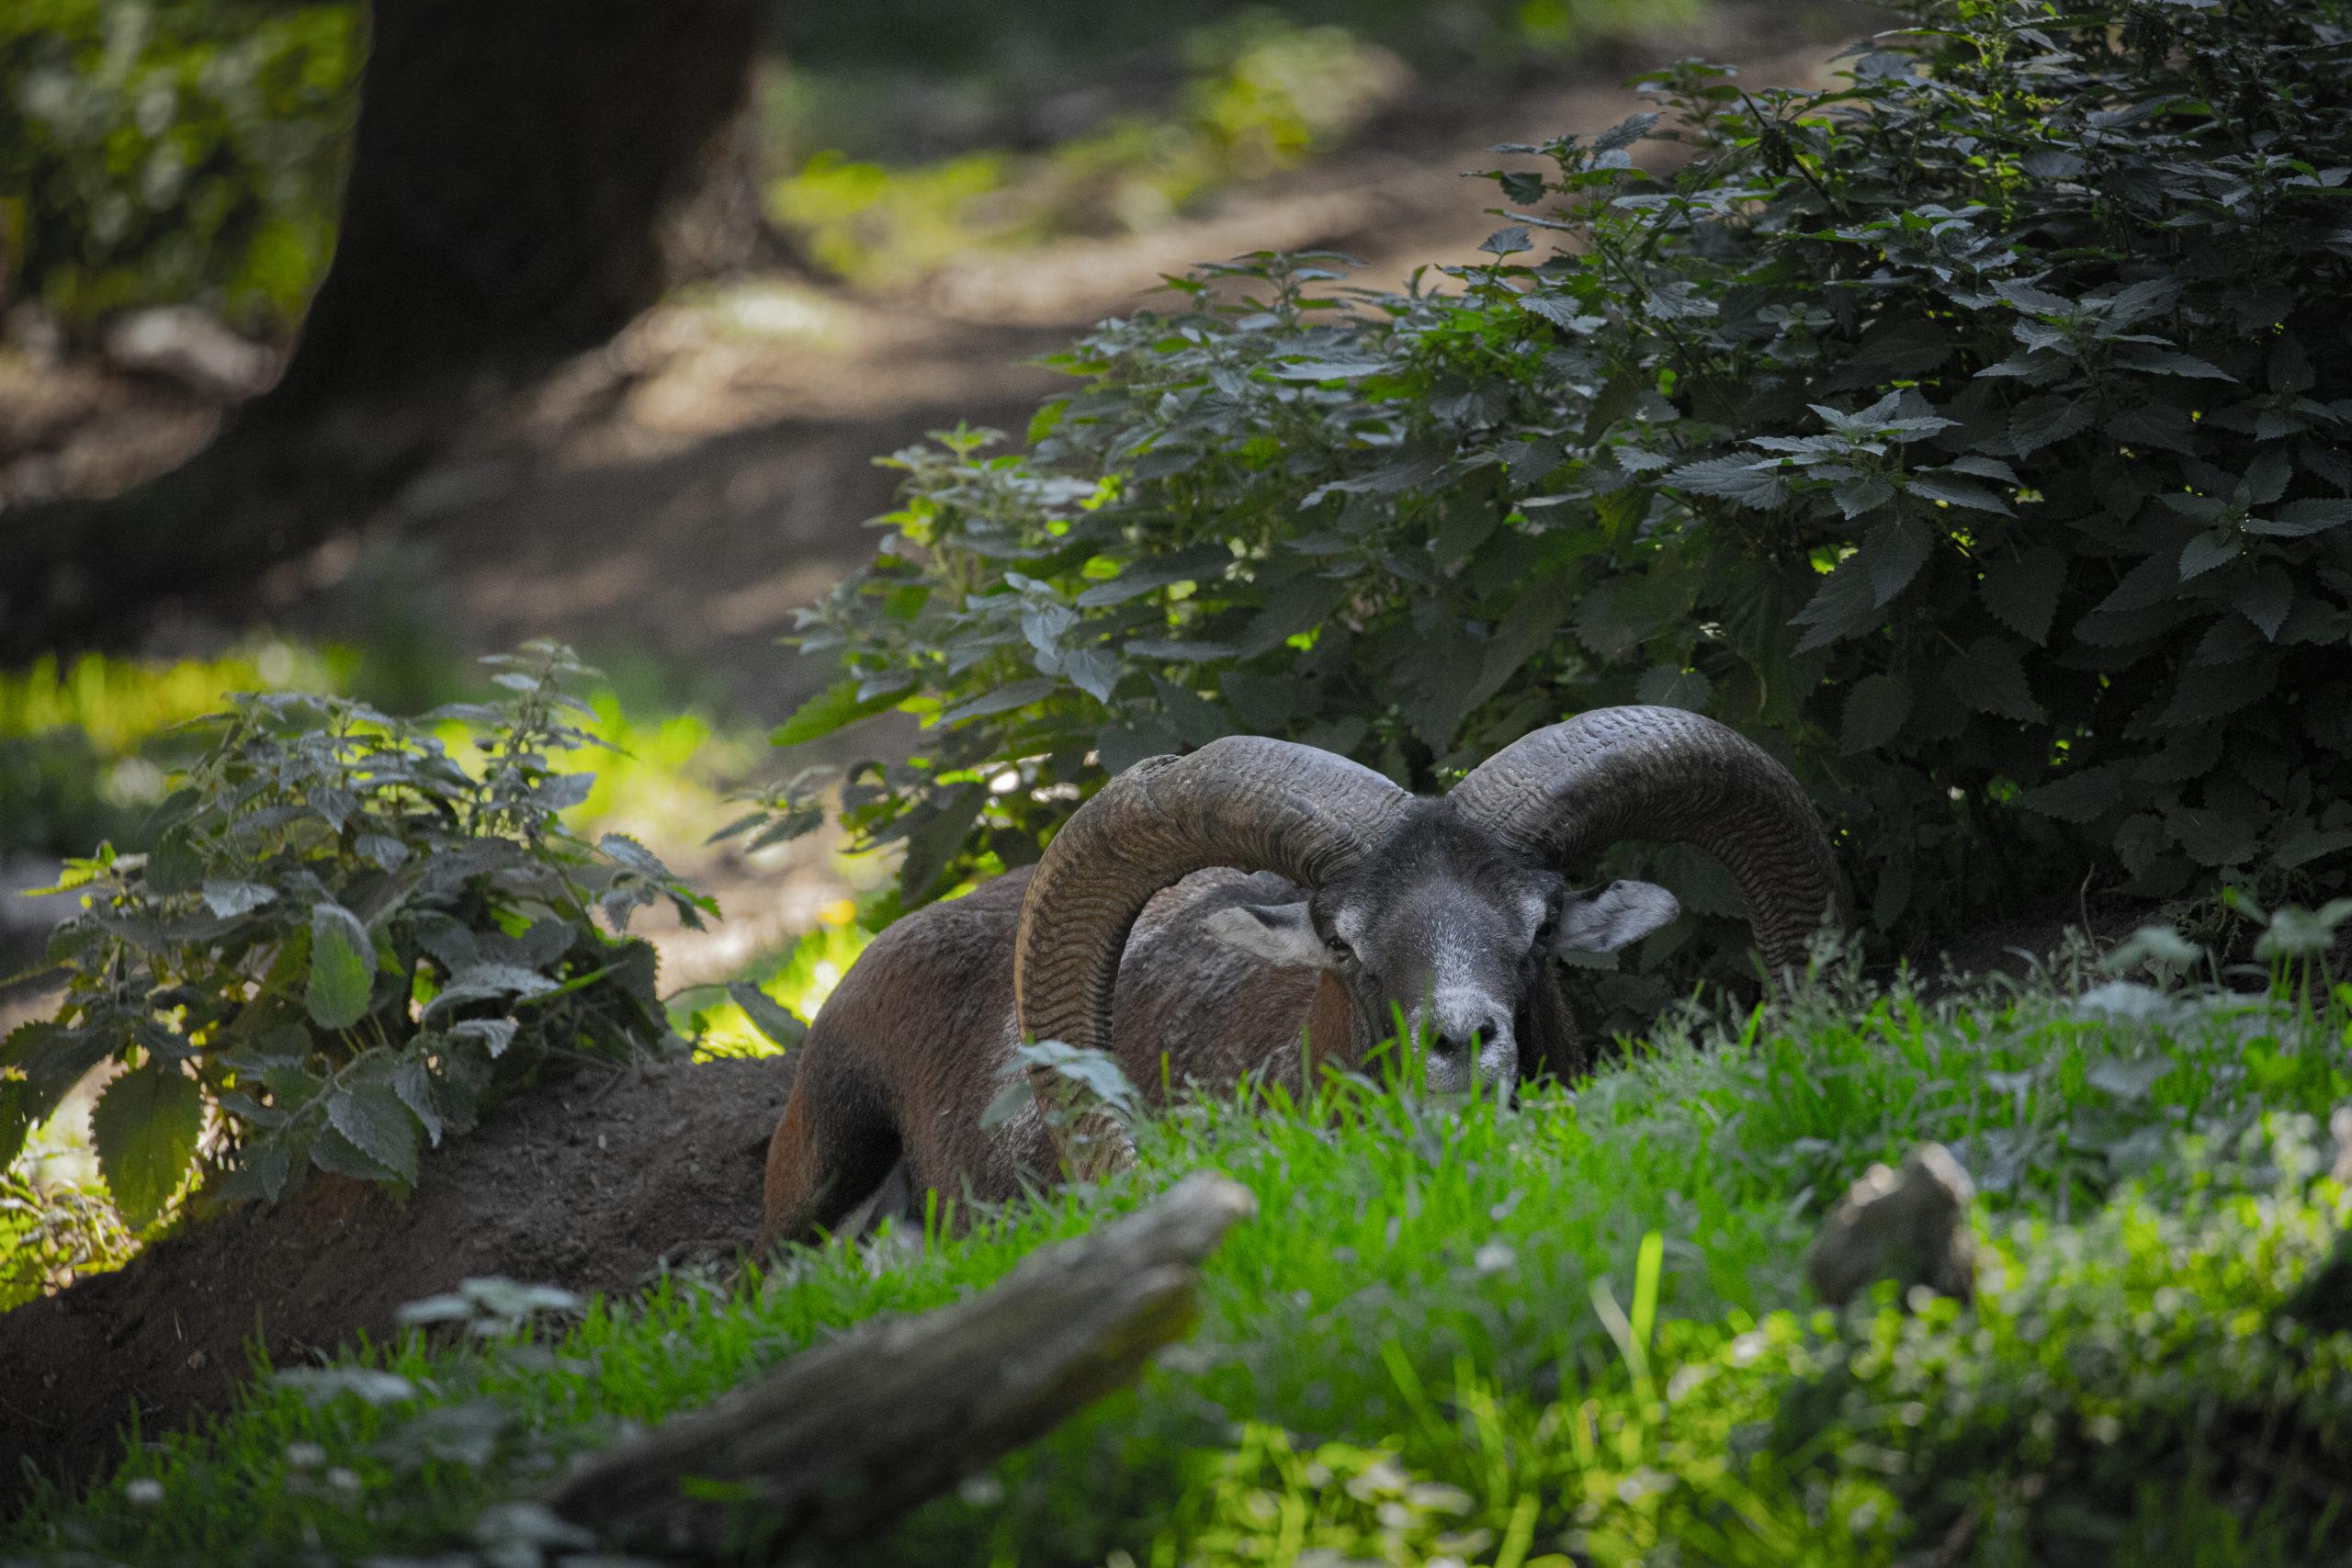 bouquetin-mouflon-vert-foret-photographe-professionnel